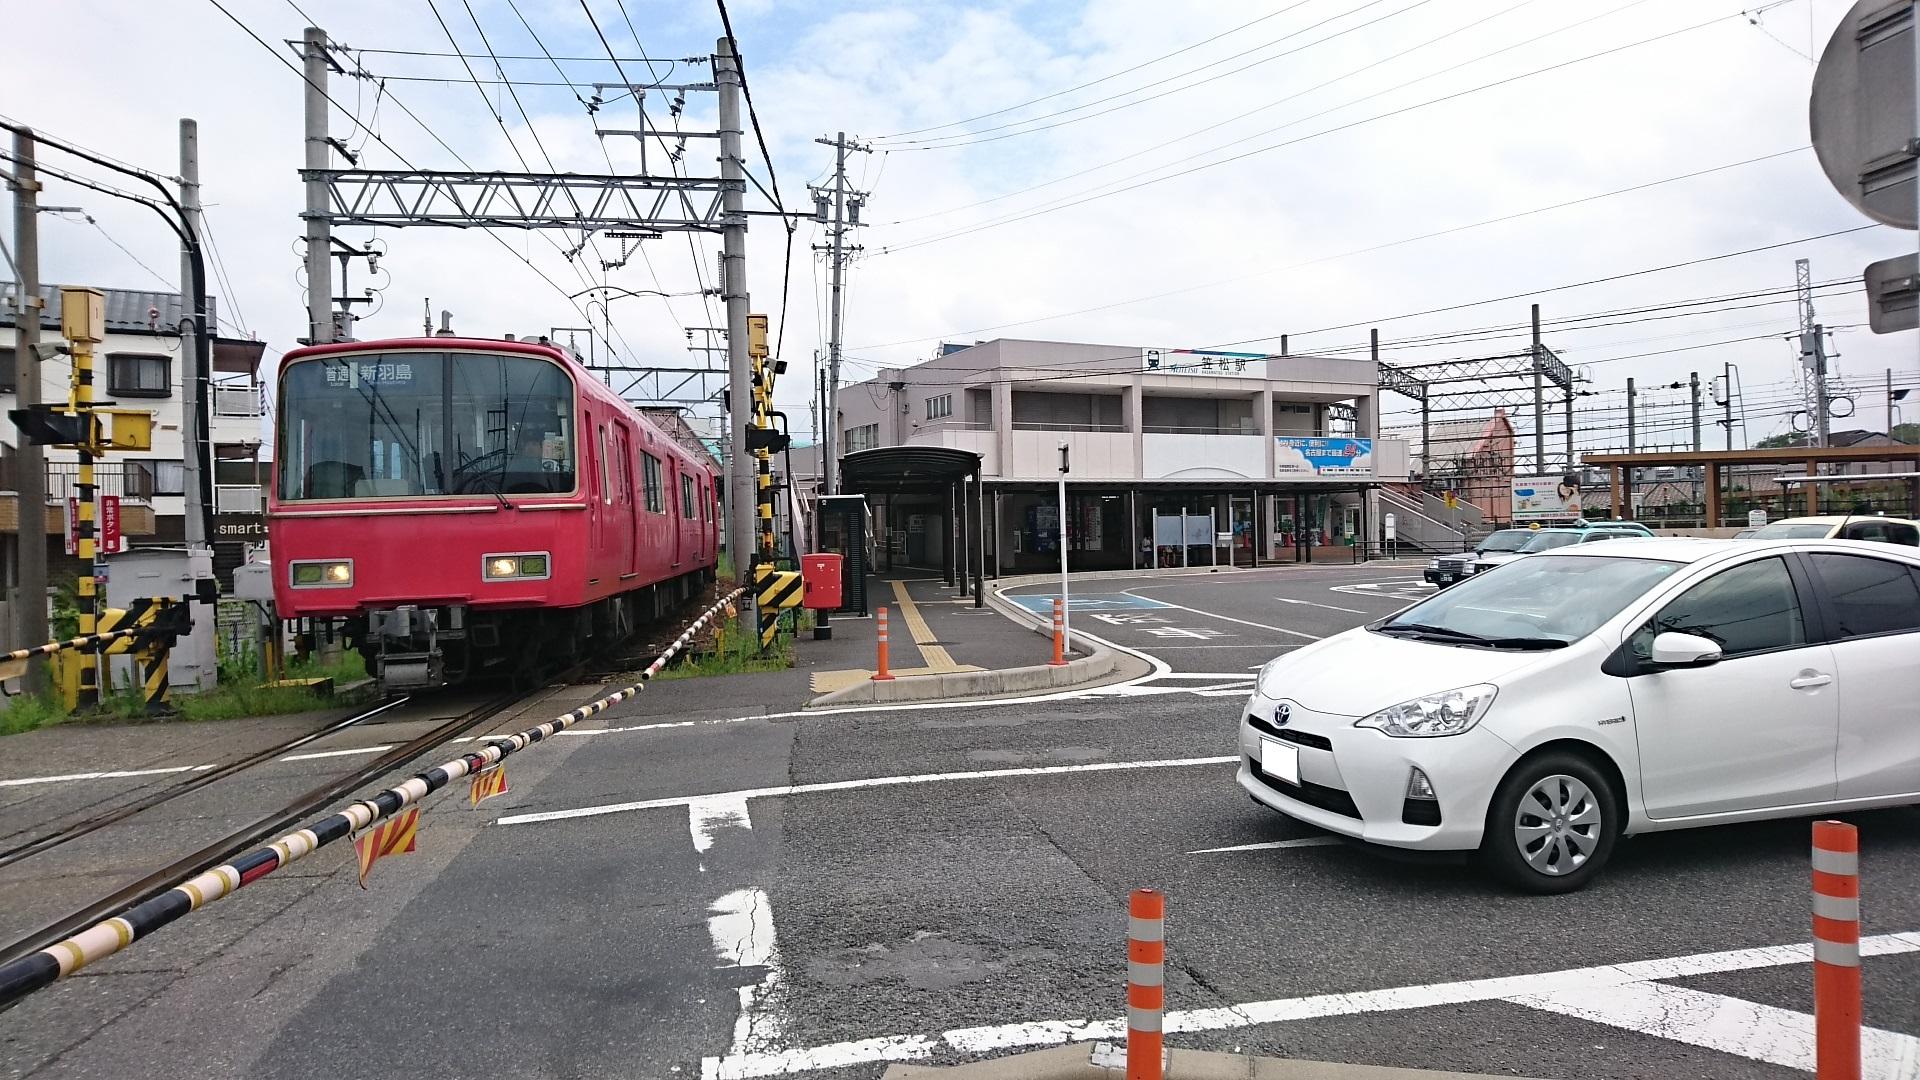 2017.8.3 笠松 (30) 中央駅舎と新羽島いきふつう 1920-1080